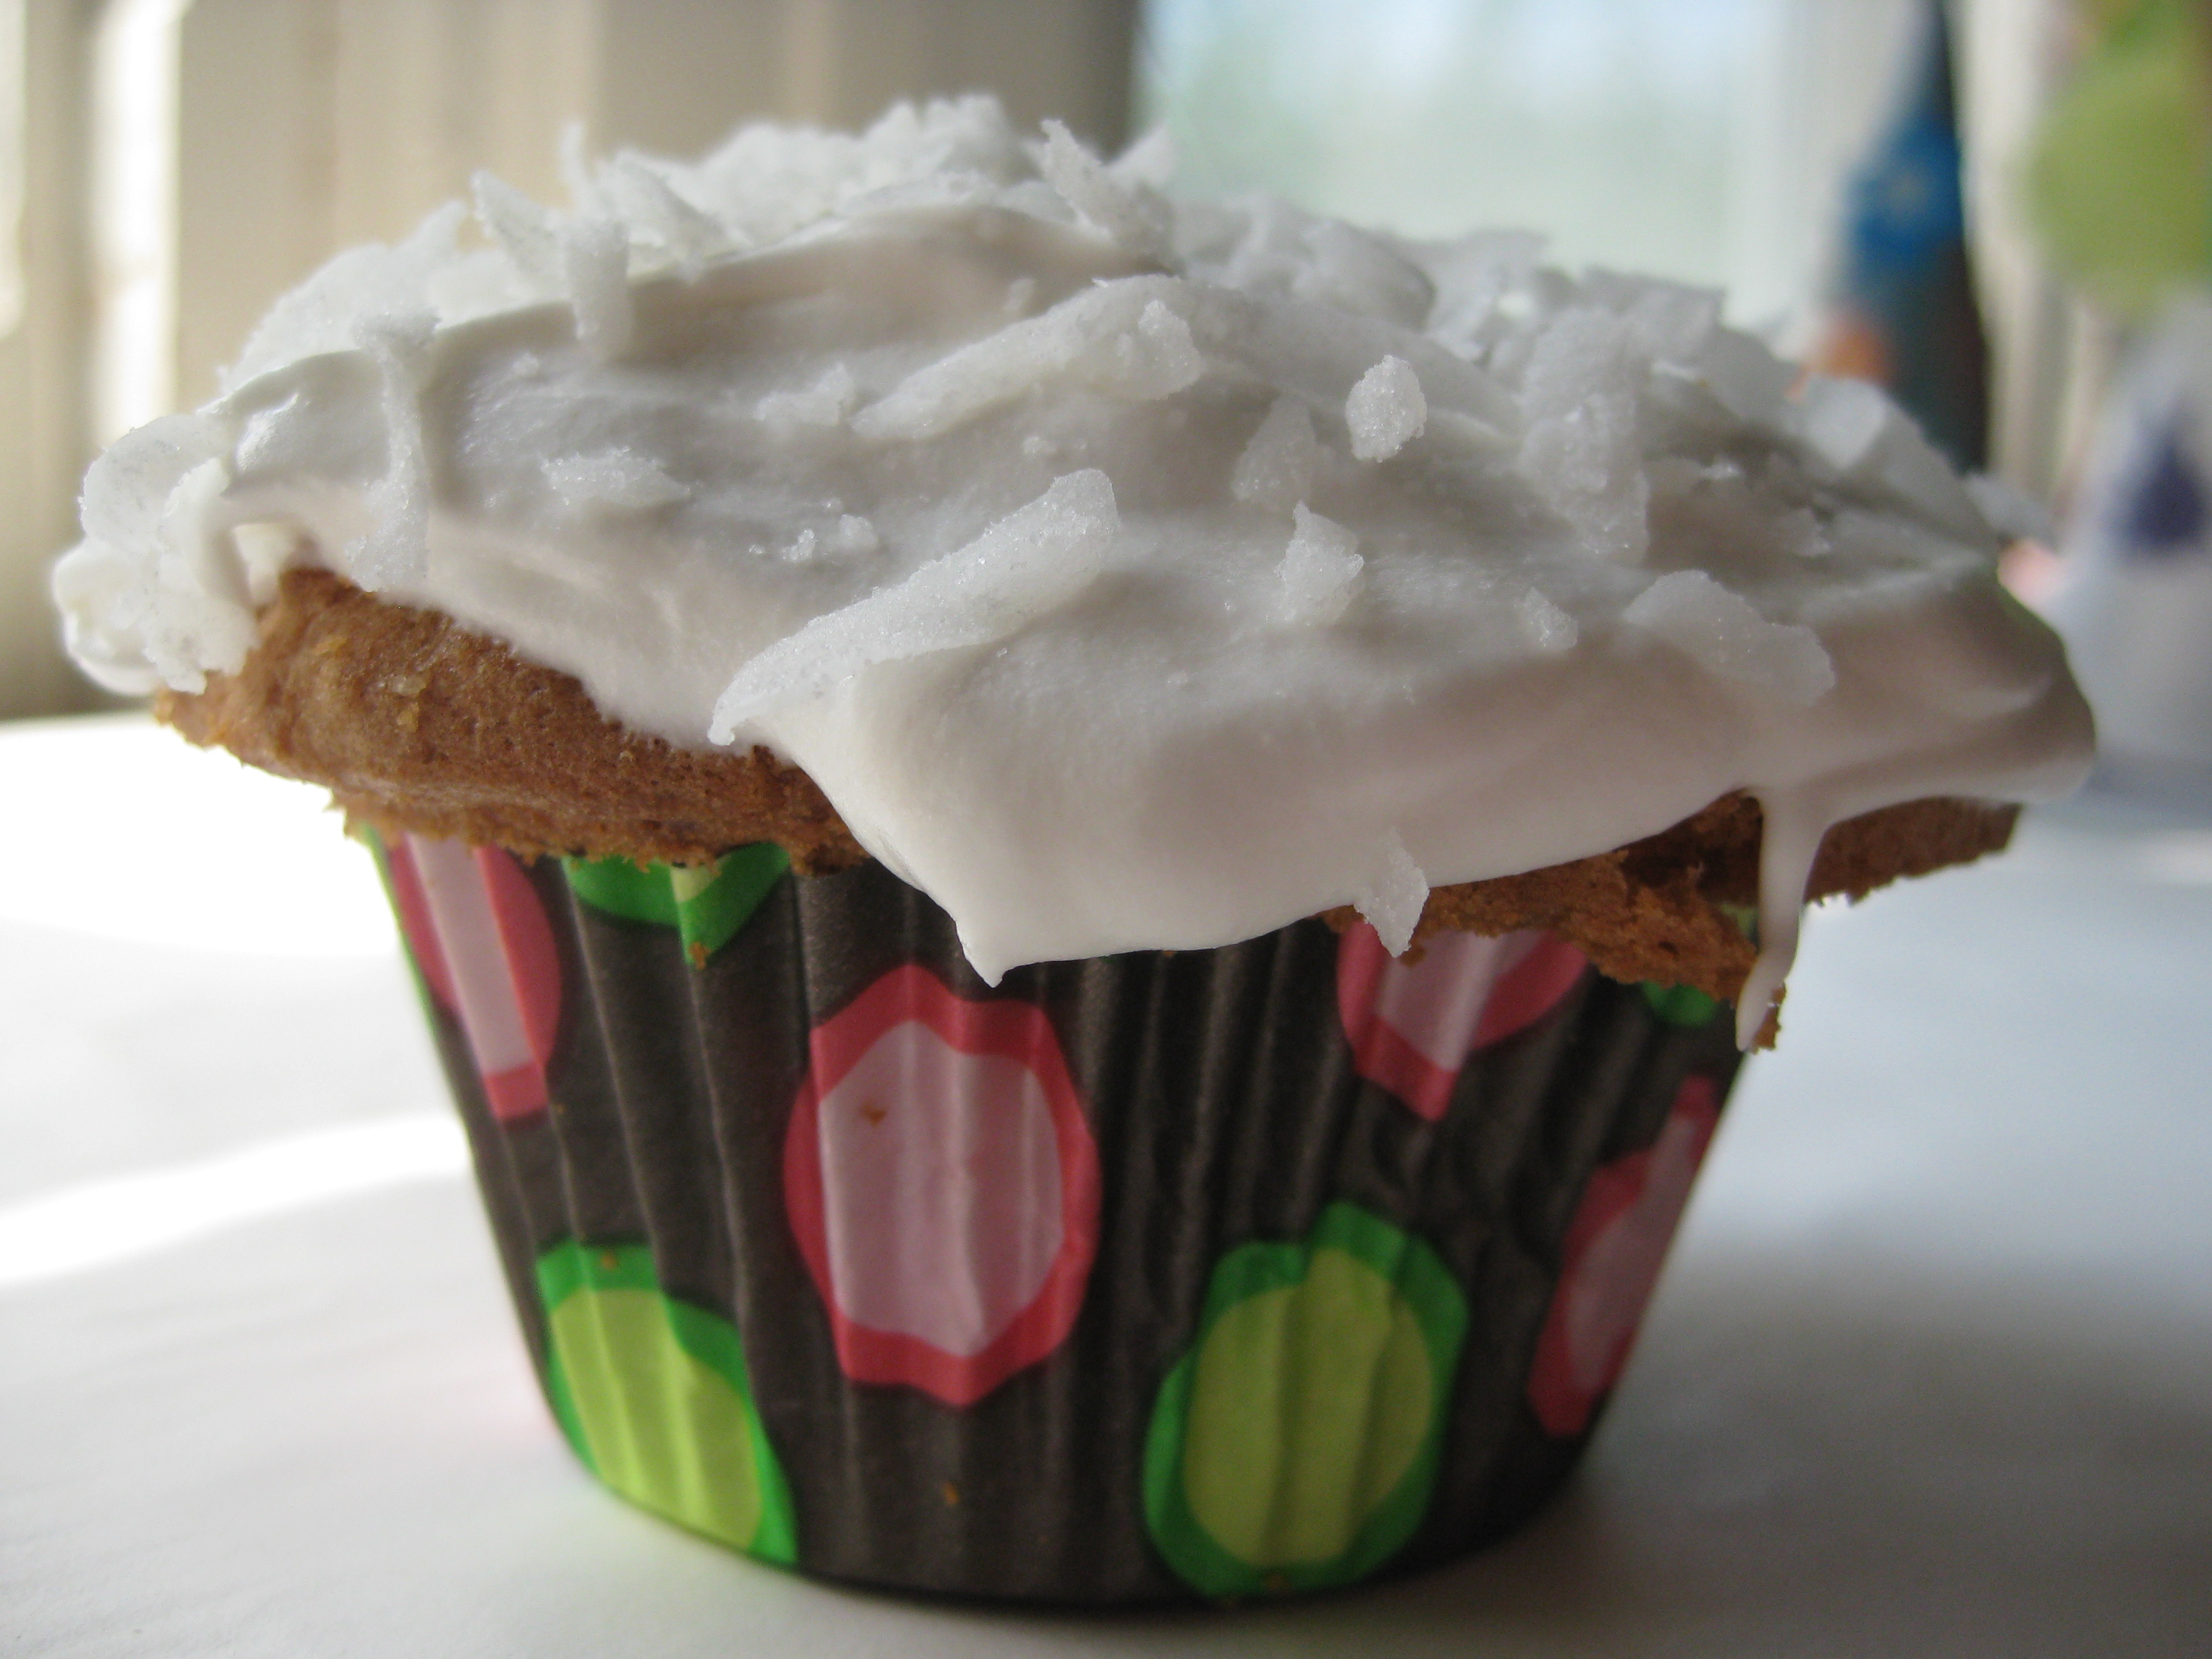 cupcakes | pragmatic attic